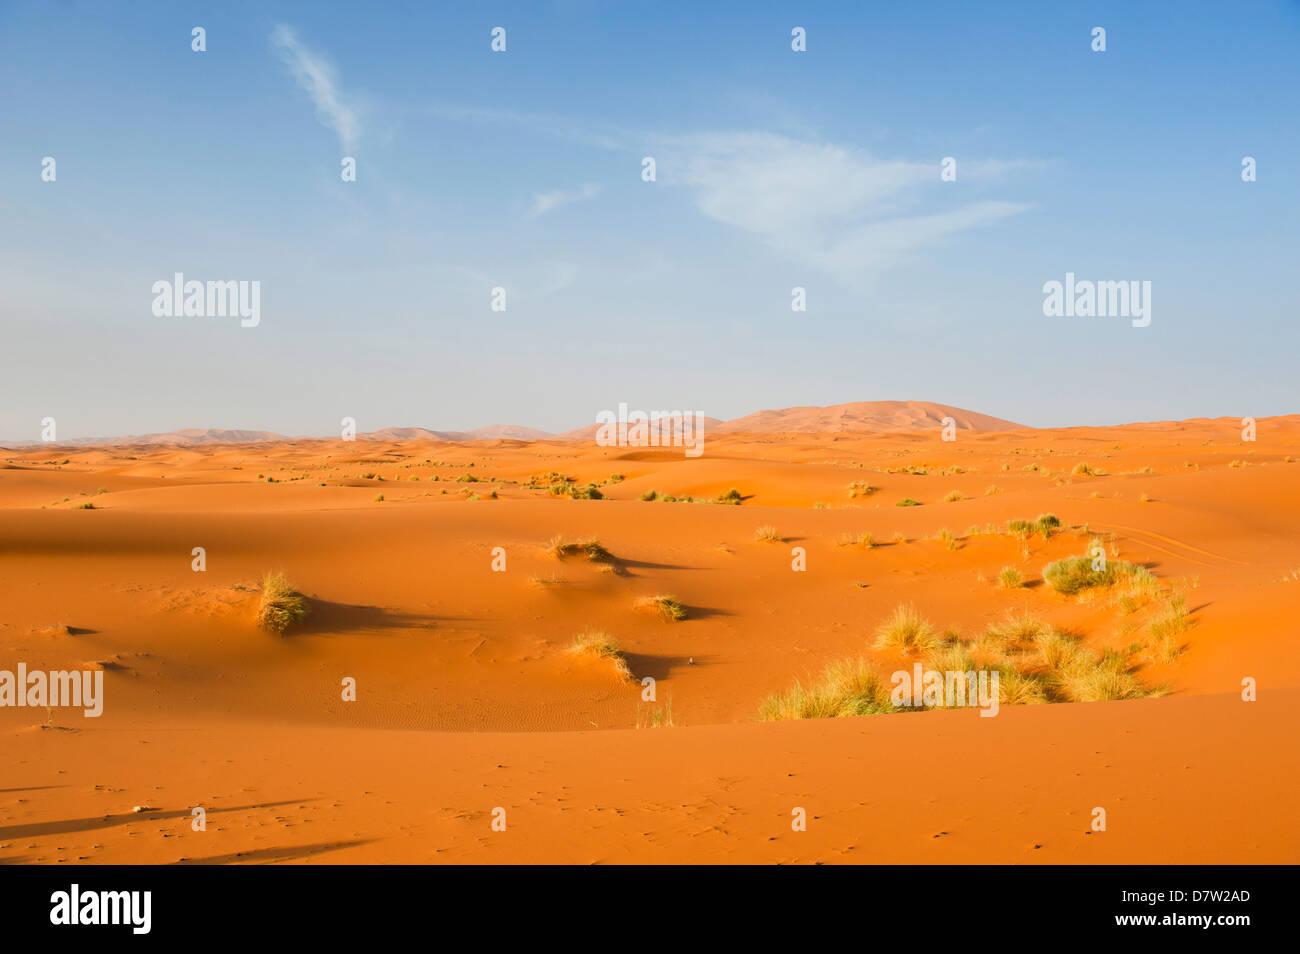 Sand dune landscape at Erg Chebbi Desert, Sahara Desert near Merzouga, Morocco, North Africa - Stock Image